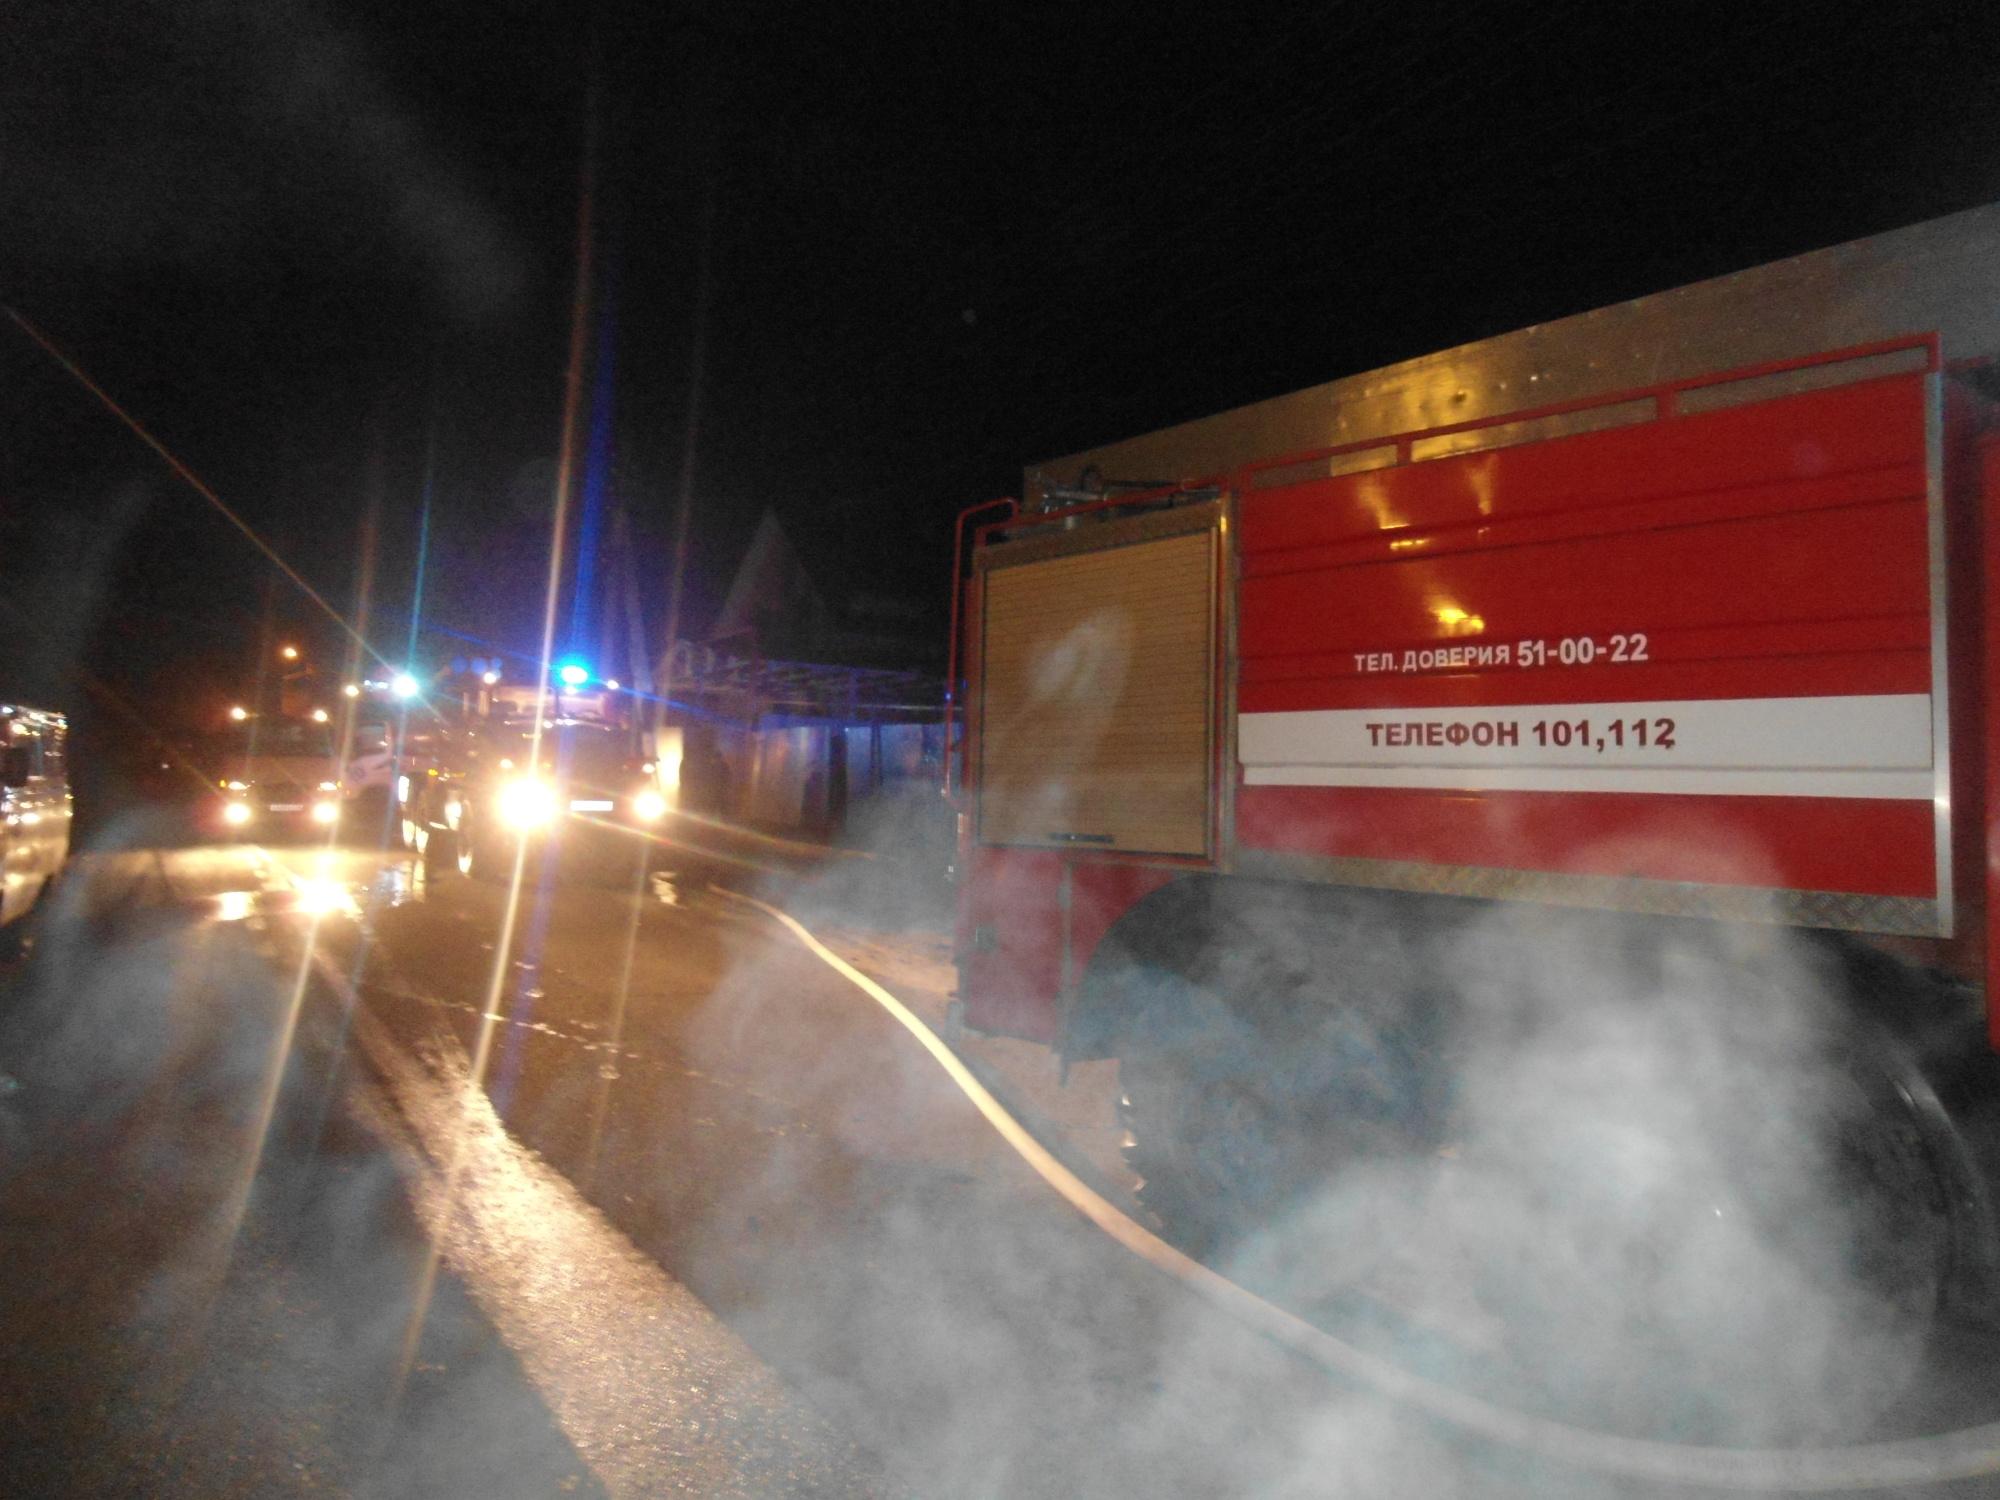 Пожар в г. Рыльск Рыльского района  Курской области ликвидирован